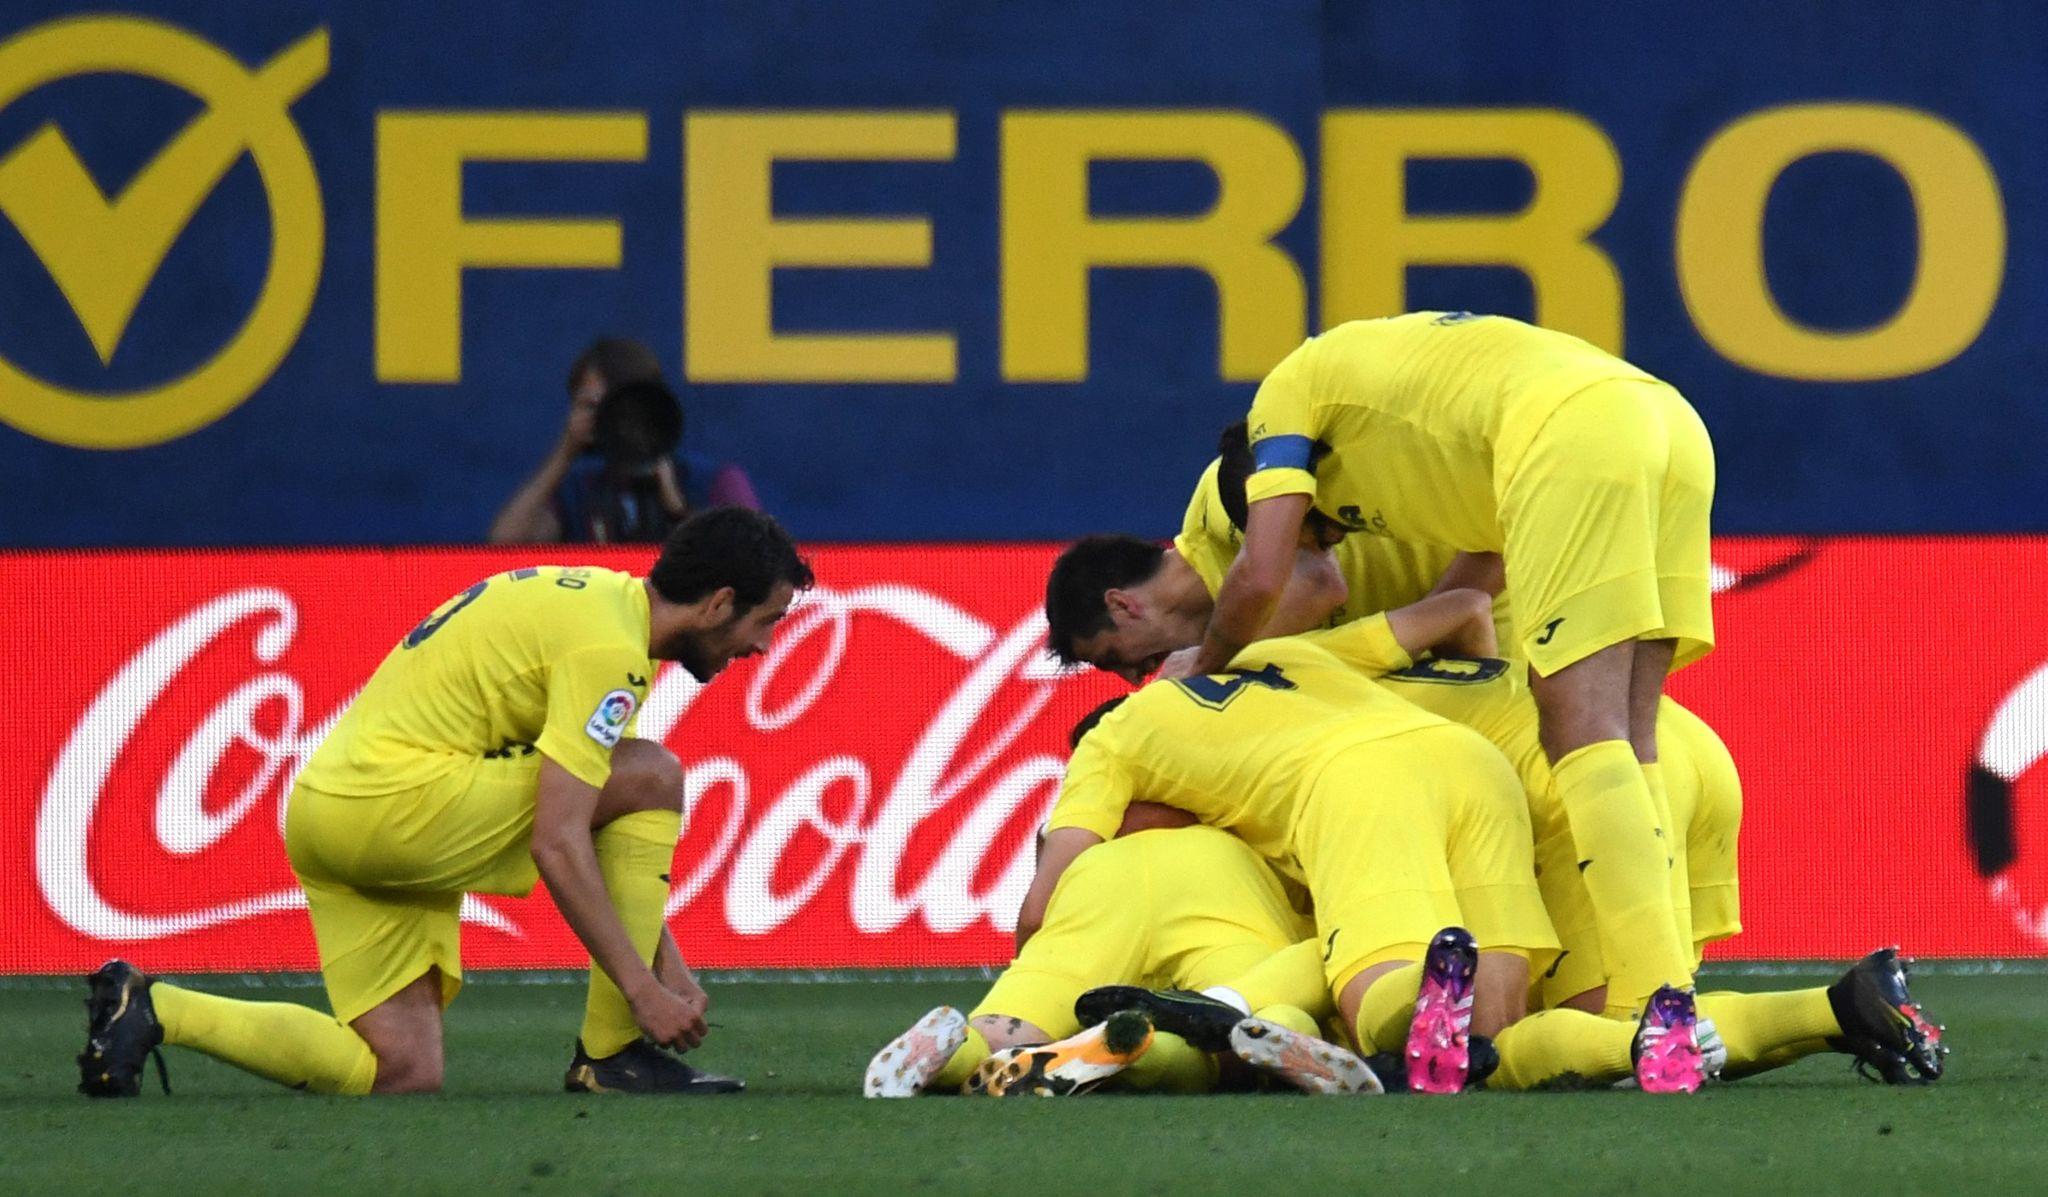 Los jugadores del Villarreal celebrando unos de los tres goles de Carlos Bacca, ayer, en el Estadio de la Cerámica.